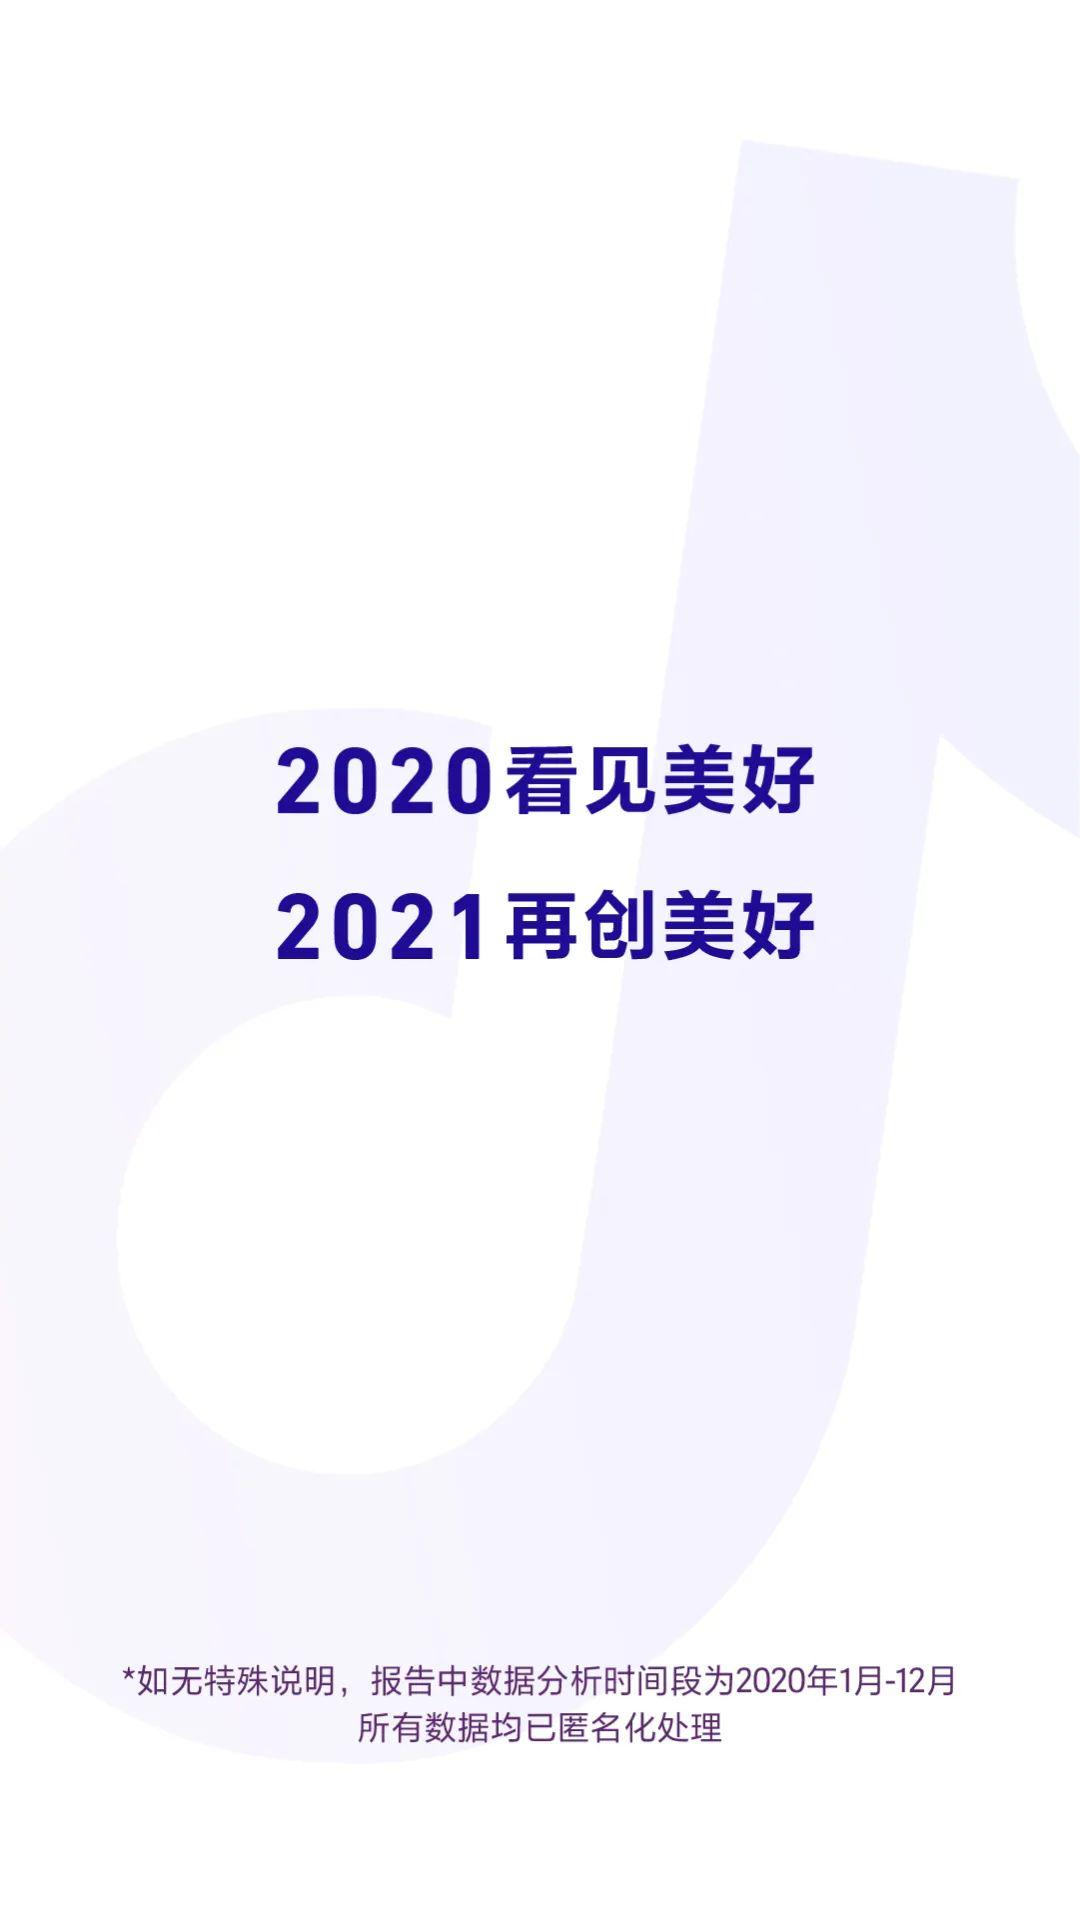 2020抖音数据报告(完整版)插图16